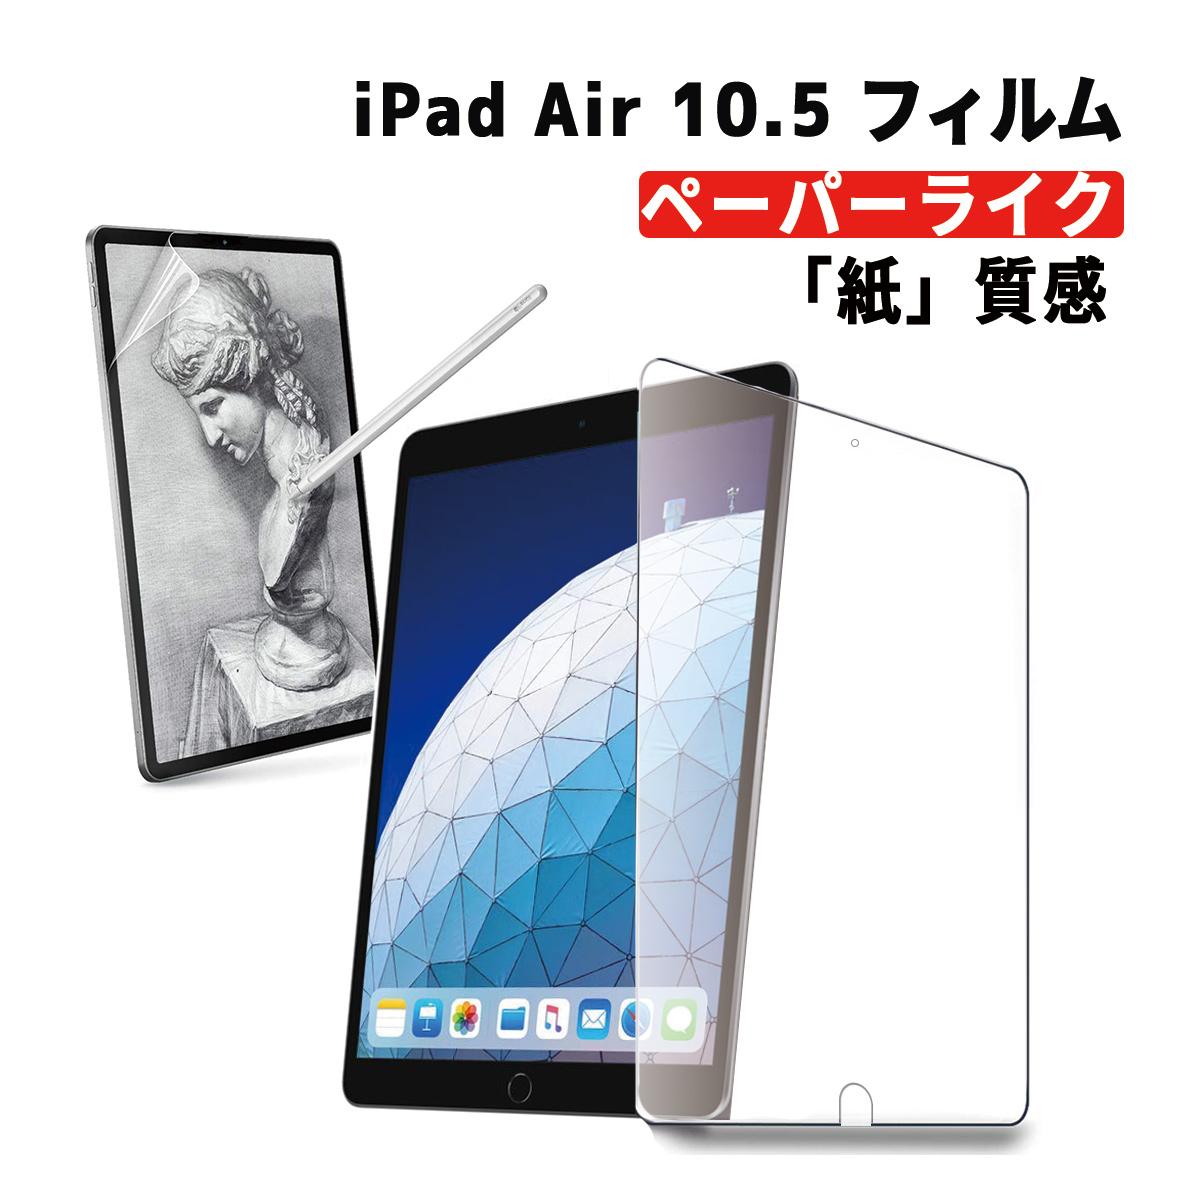 イラストレーターにも おすすめ サラサラとした描き心地 iPad Air 10.5 第3世代 フィルム 2019 apple pencil 対応 ケースに干渉しない 紙のような質感 薄型 指紋防止 スムーズに描ける 特価キャンペーン A2152 A2123 アンチグレア 液晶保護フィルム 送料無料 自己吸着式 驚きの値段で ポイント消化 ペーパーライク 10.5インチ A2153